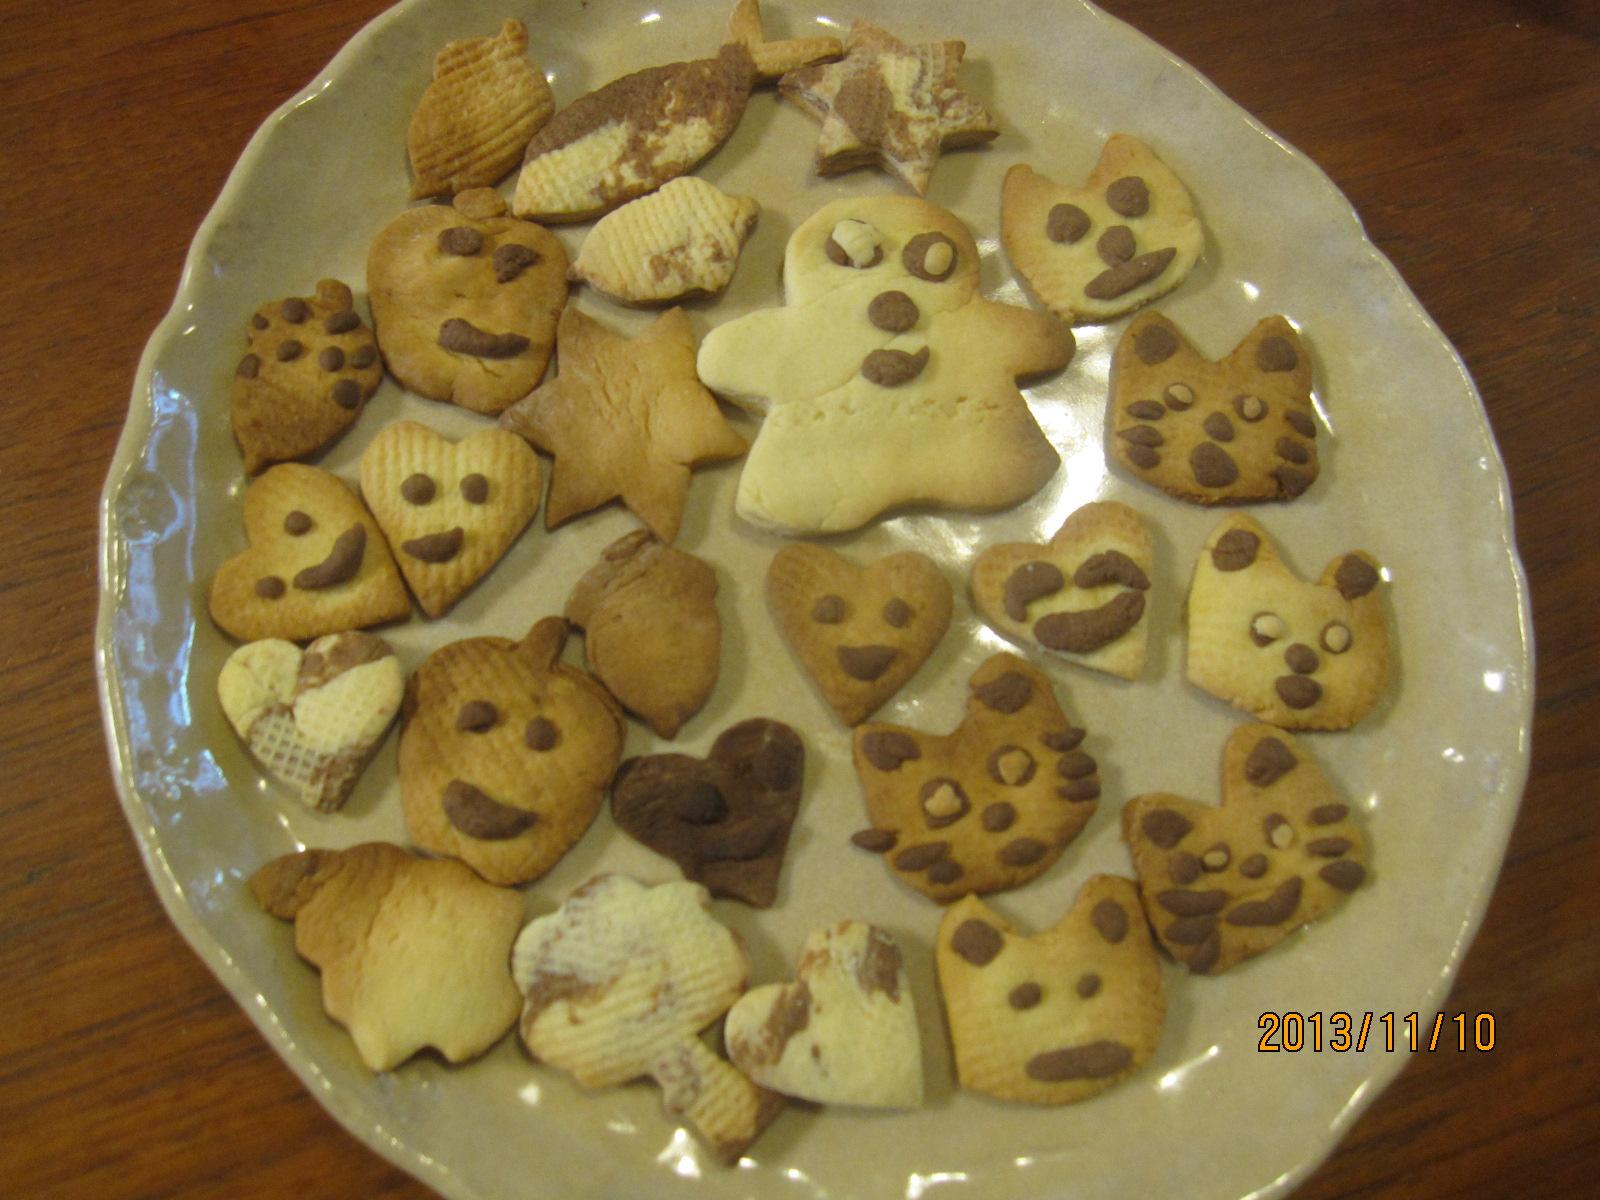 クッキー作り☆。・。・_f0231042_1435463.jpg